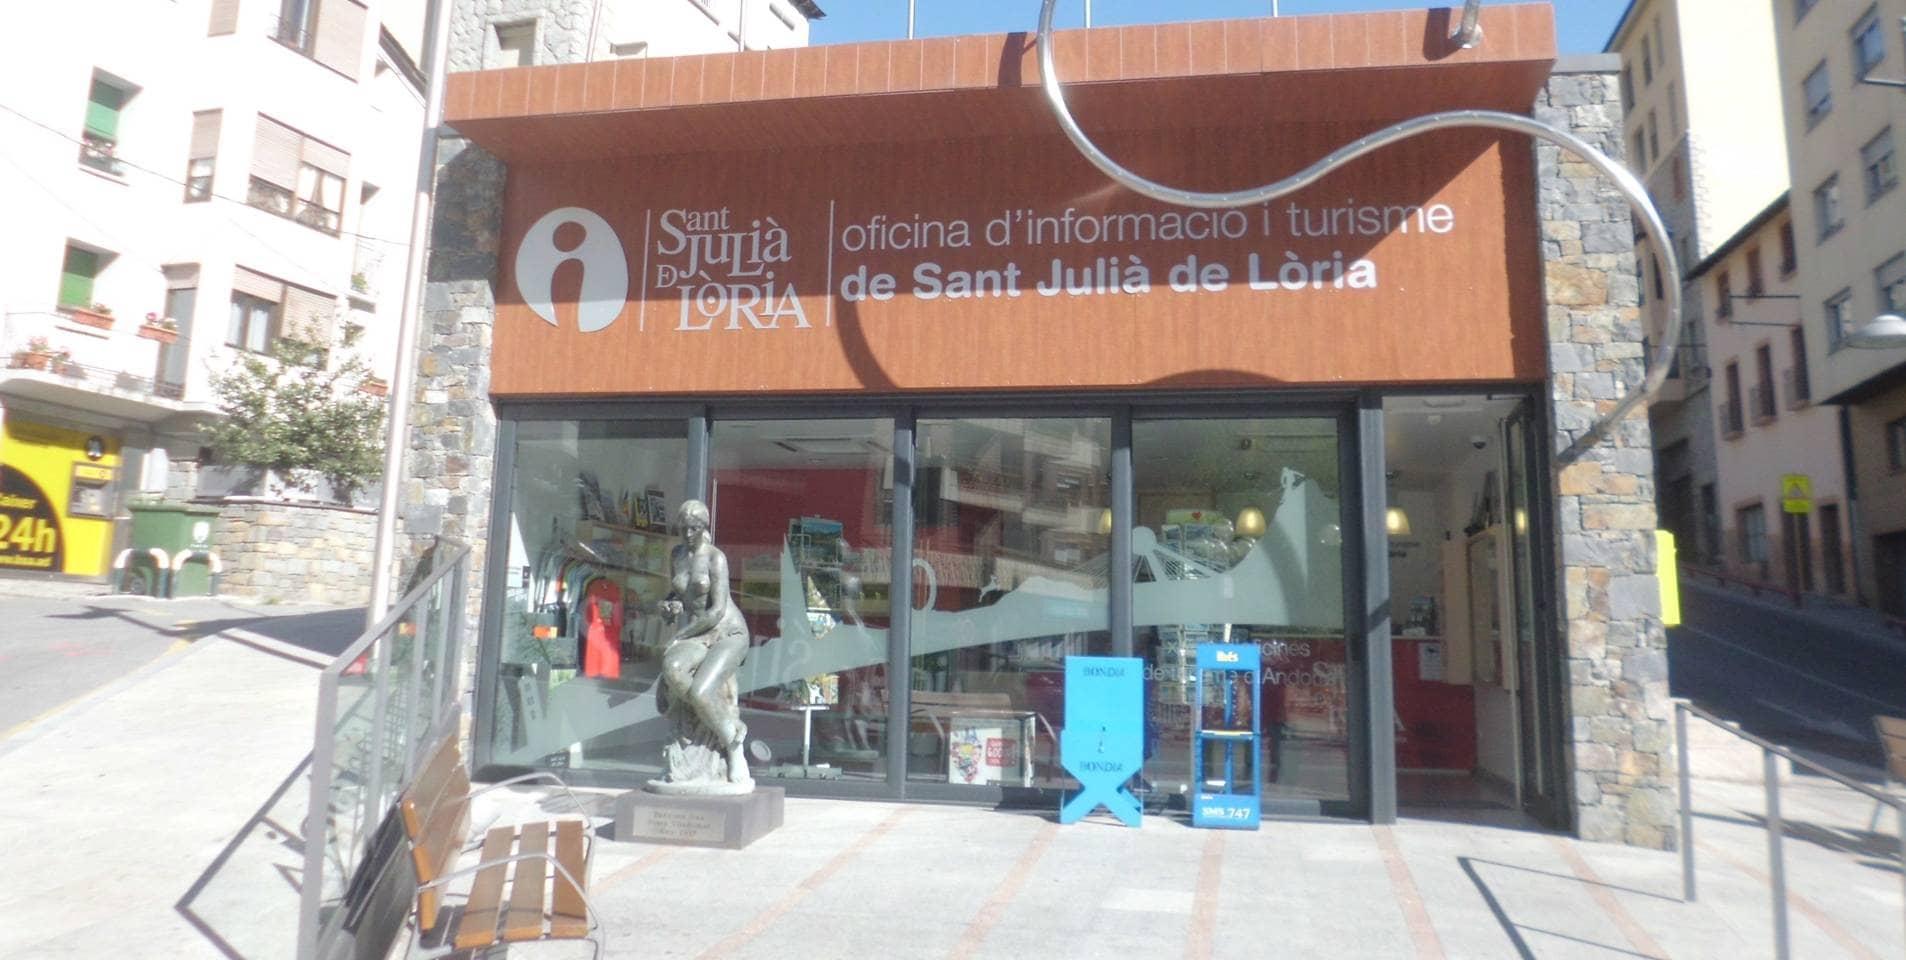 Tres milions menys de turistes a Andorra durant el 2020 arran de la crisi sanitària